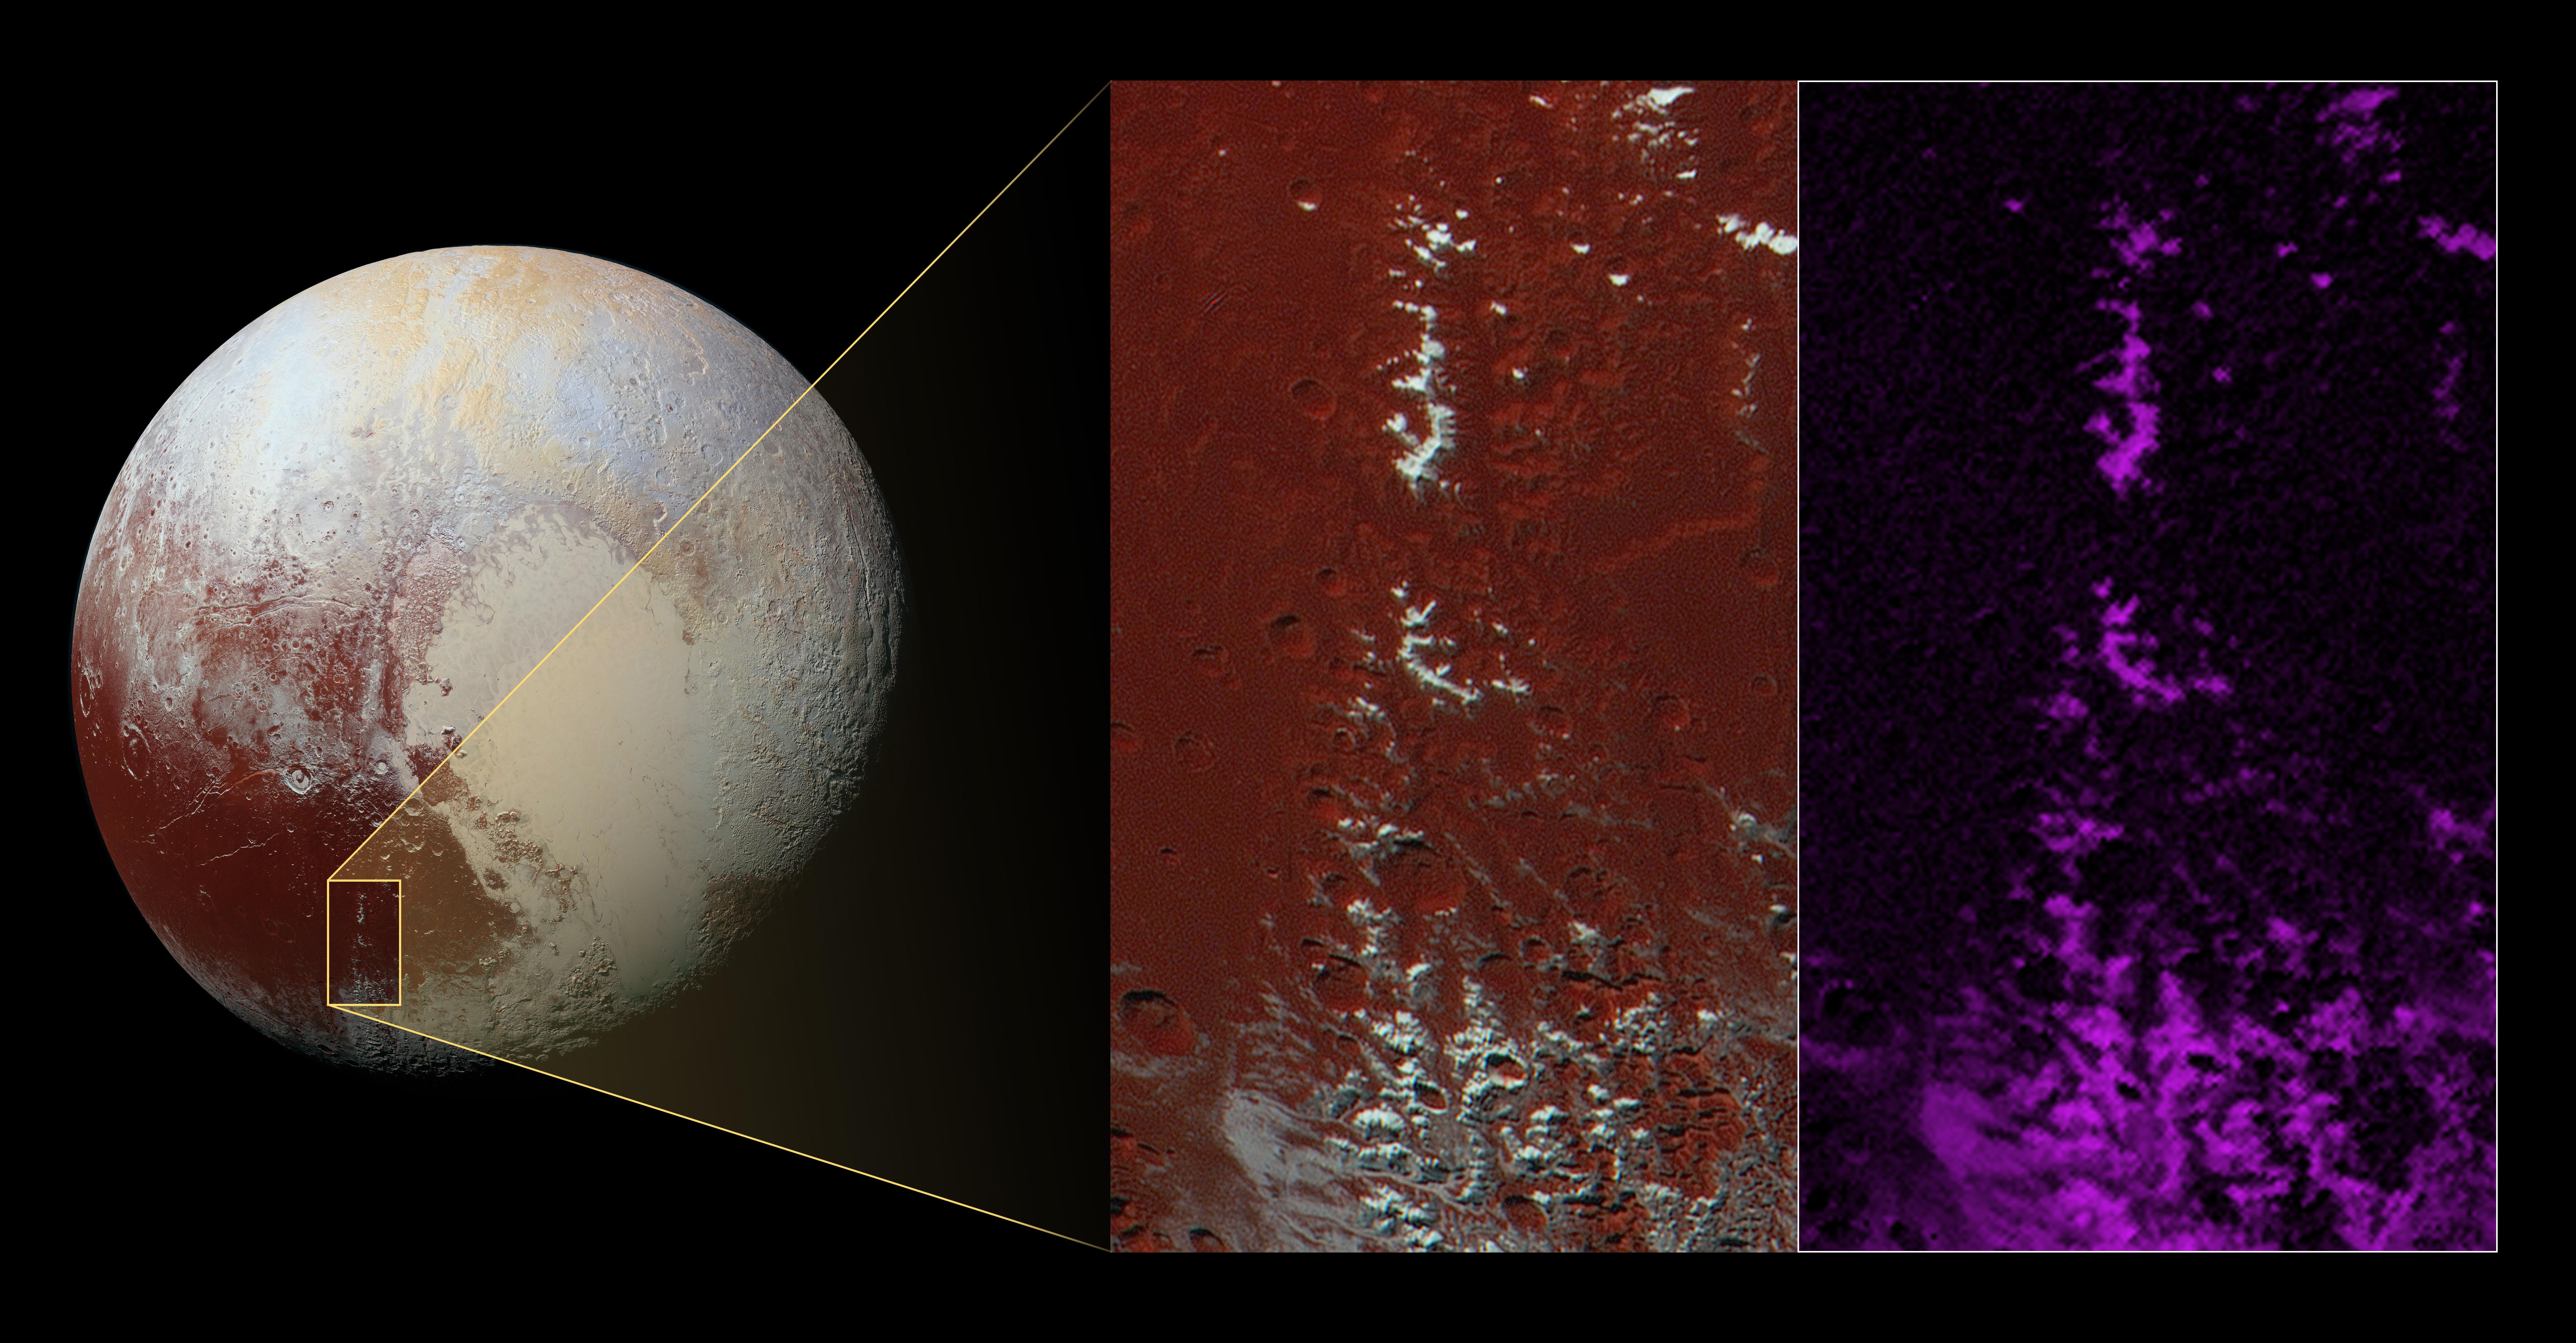 Prima zăpadă în spațiu a fost descoperită pe această planetă